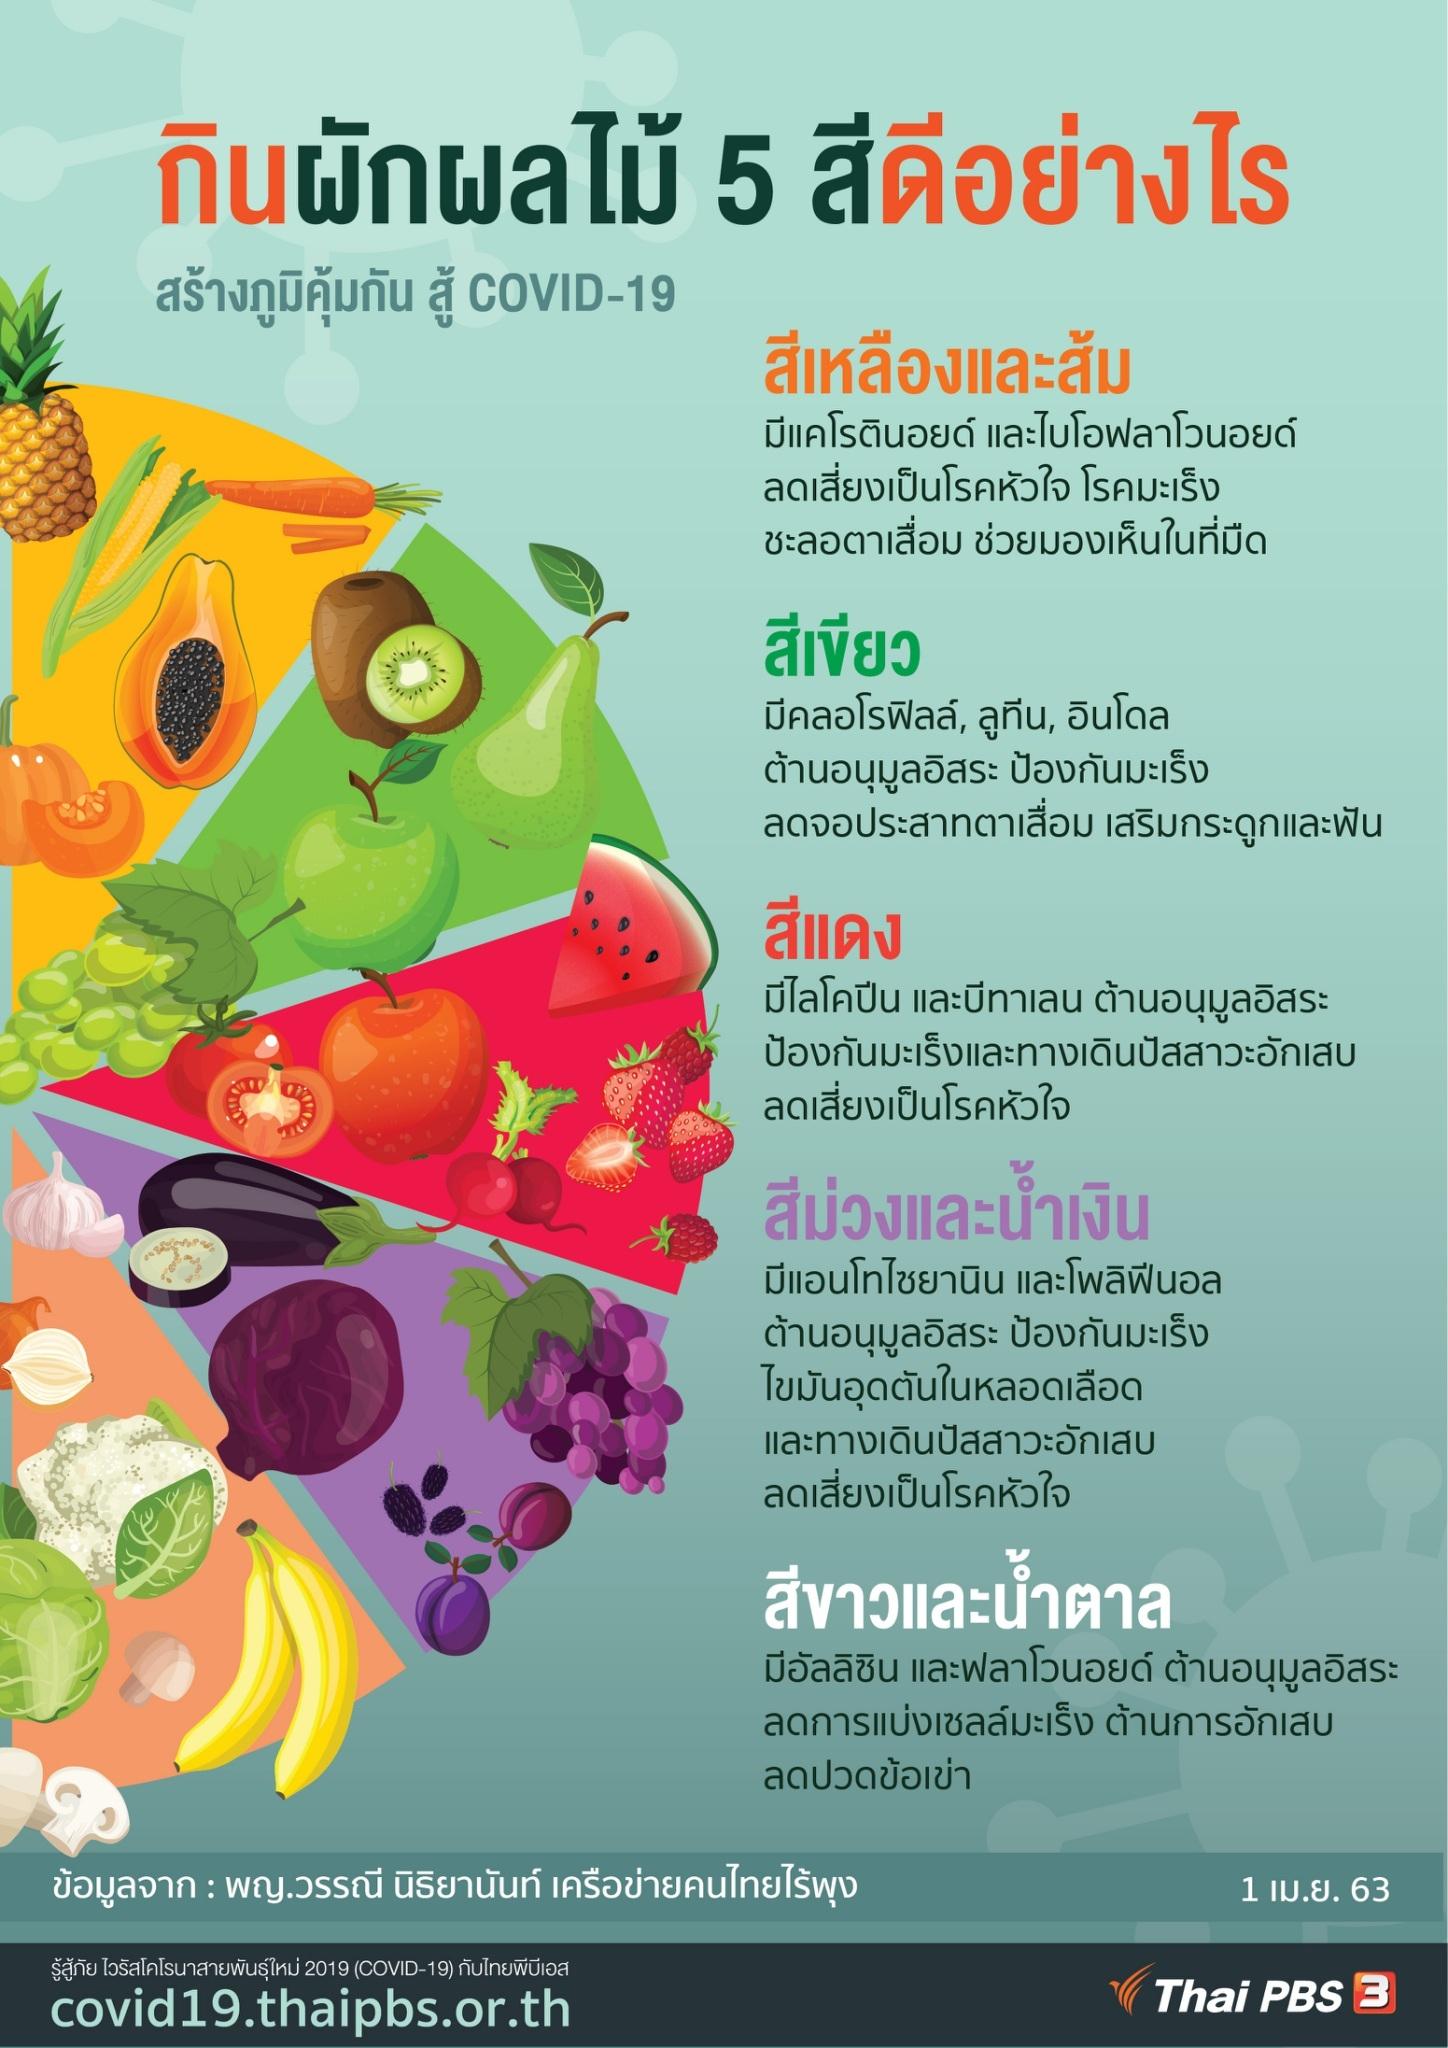 กินผักผลไม้ 5 สี สู้ COVID-19